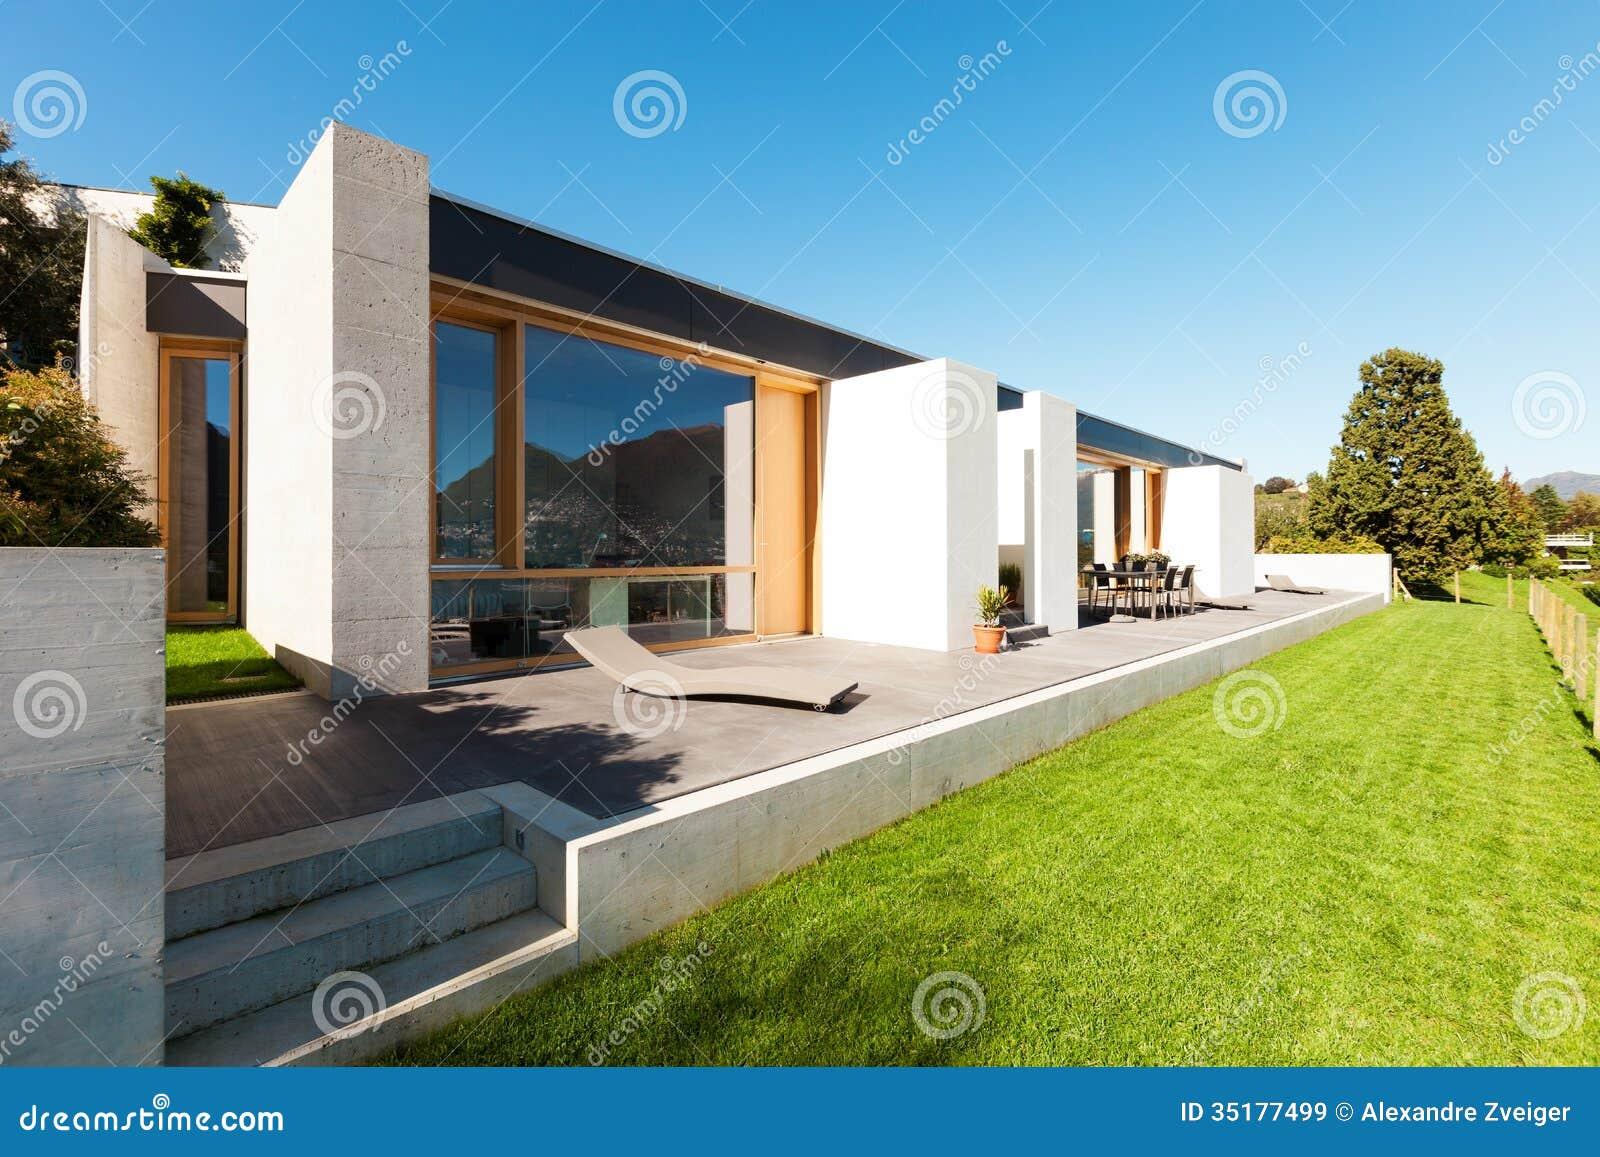 Casa moderna hermosa en el cemento im genes de archivo for Moderna casa di cemento